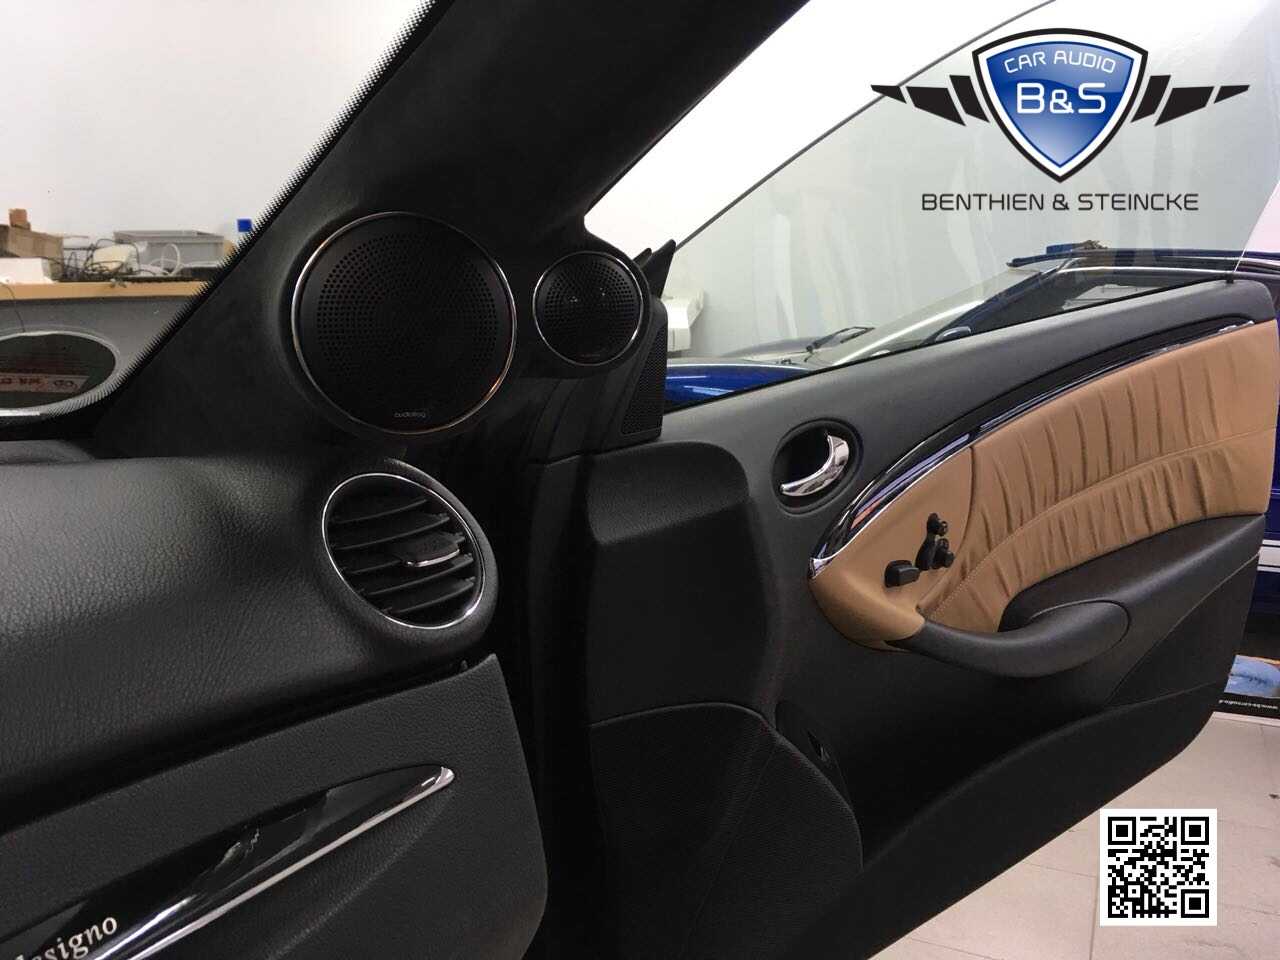 Die Chromringe und Gitter fügen sich ideal in das Design des eleganten Mercedes ein. In den Türen spielen die GB60 Bässe hinter den Originalgittern.